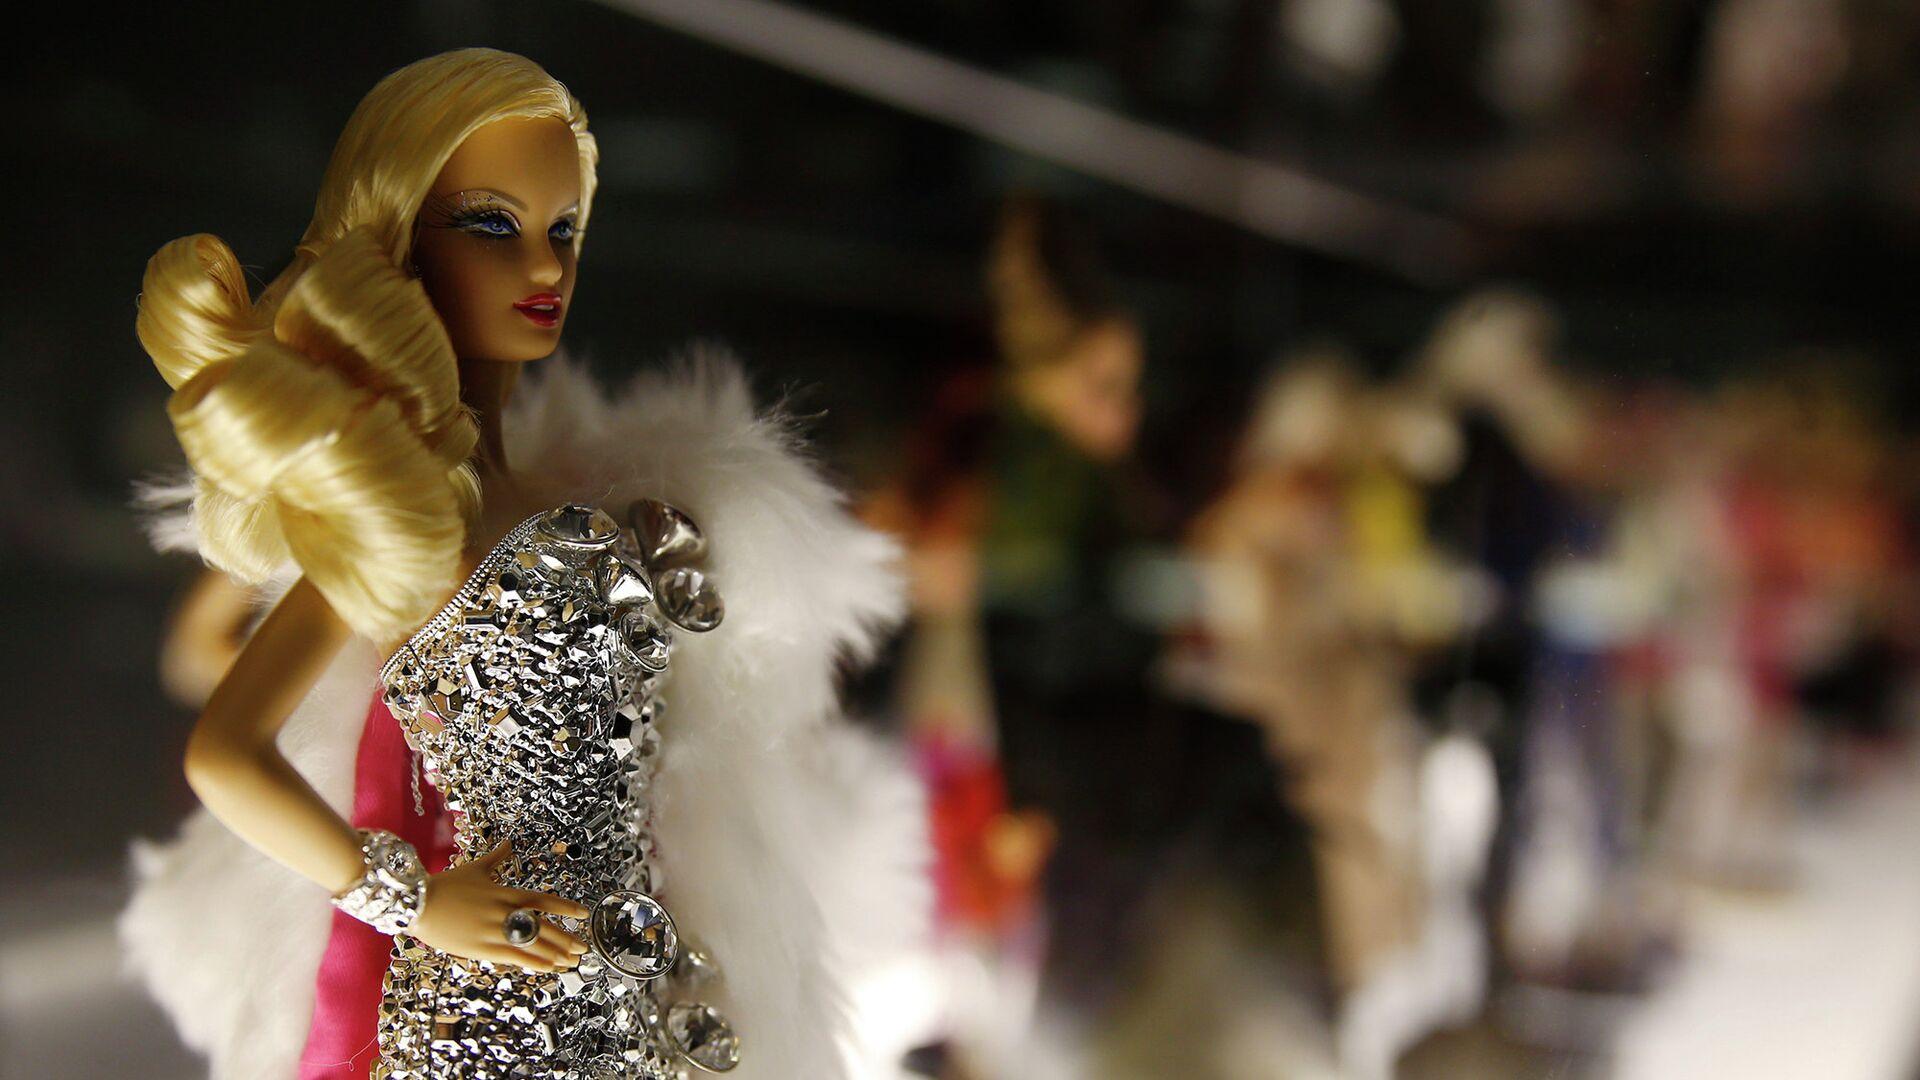 Кукла Барби на выставке, посвященной Барби в Музее культуры в Милане. Октябрь 2015 - РИА Новости, 1920, 15.02.2021